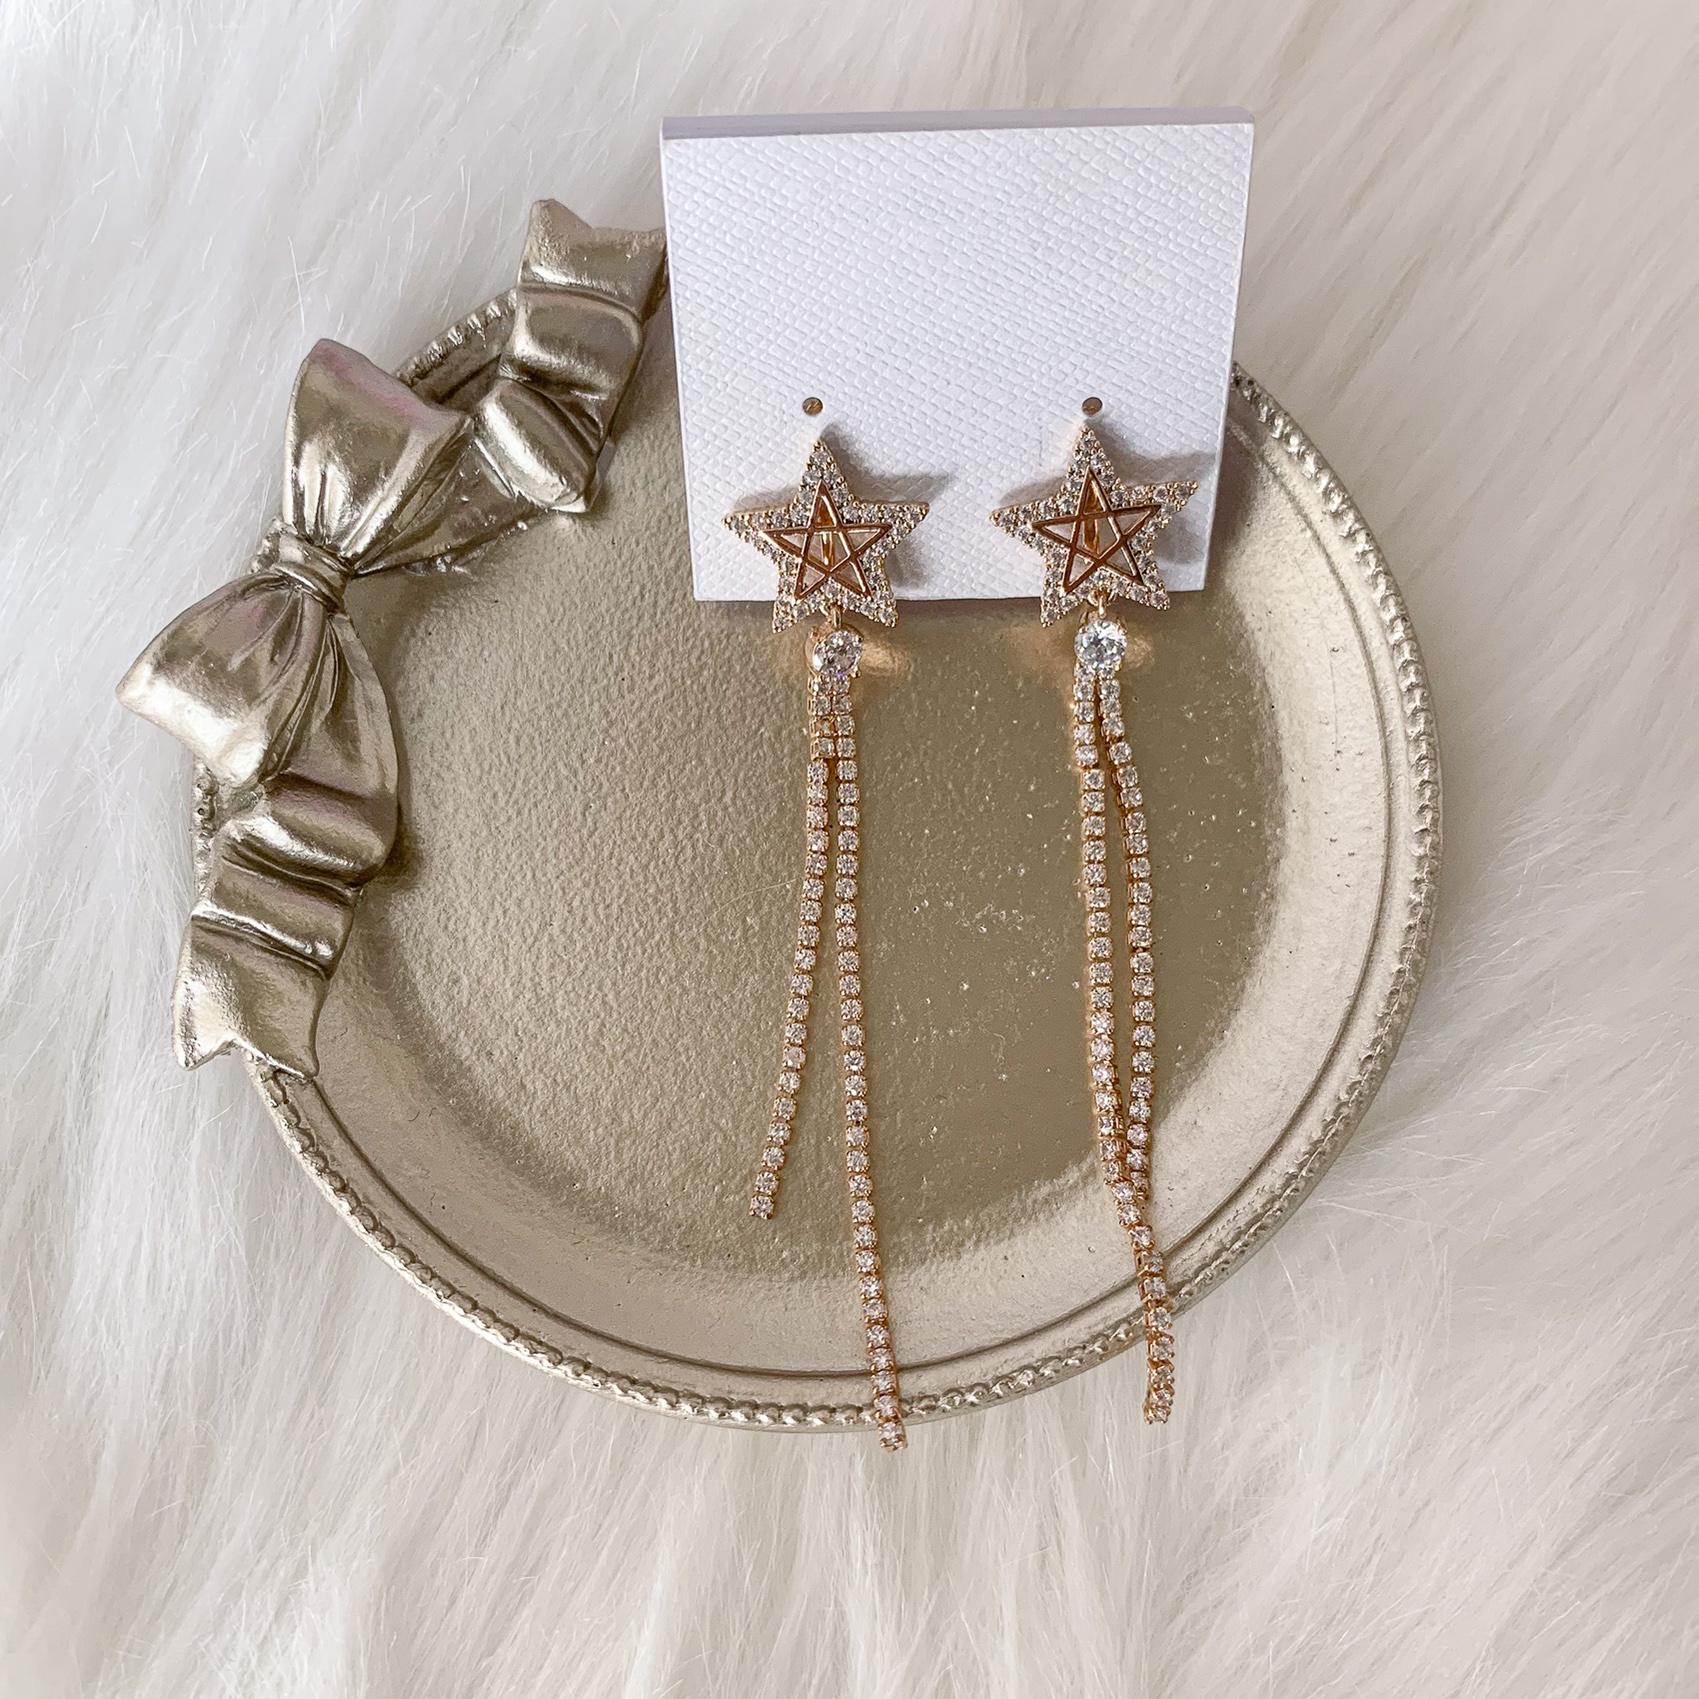 新娘飾品, 新娘耳環, 垂墜式耳環